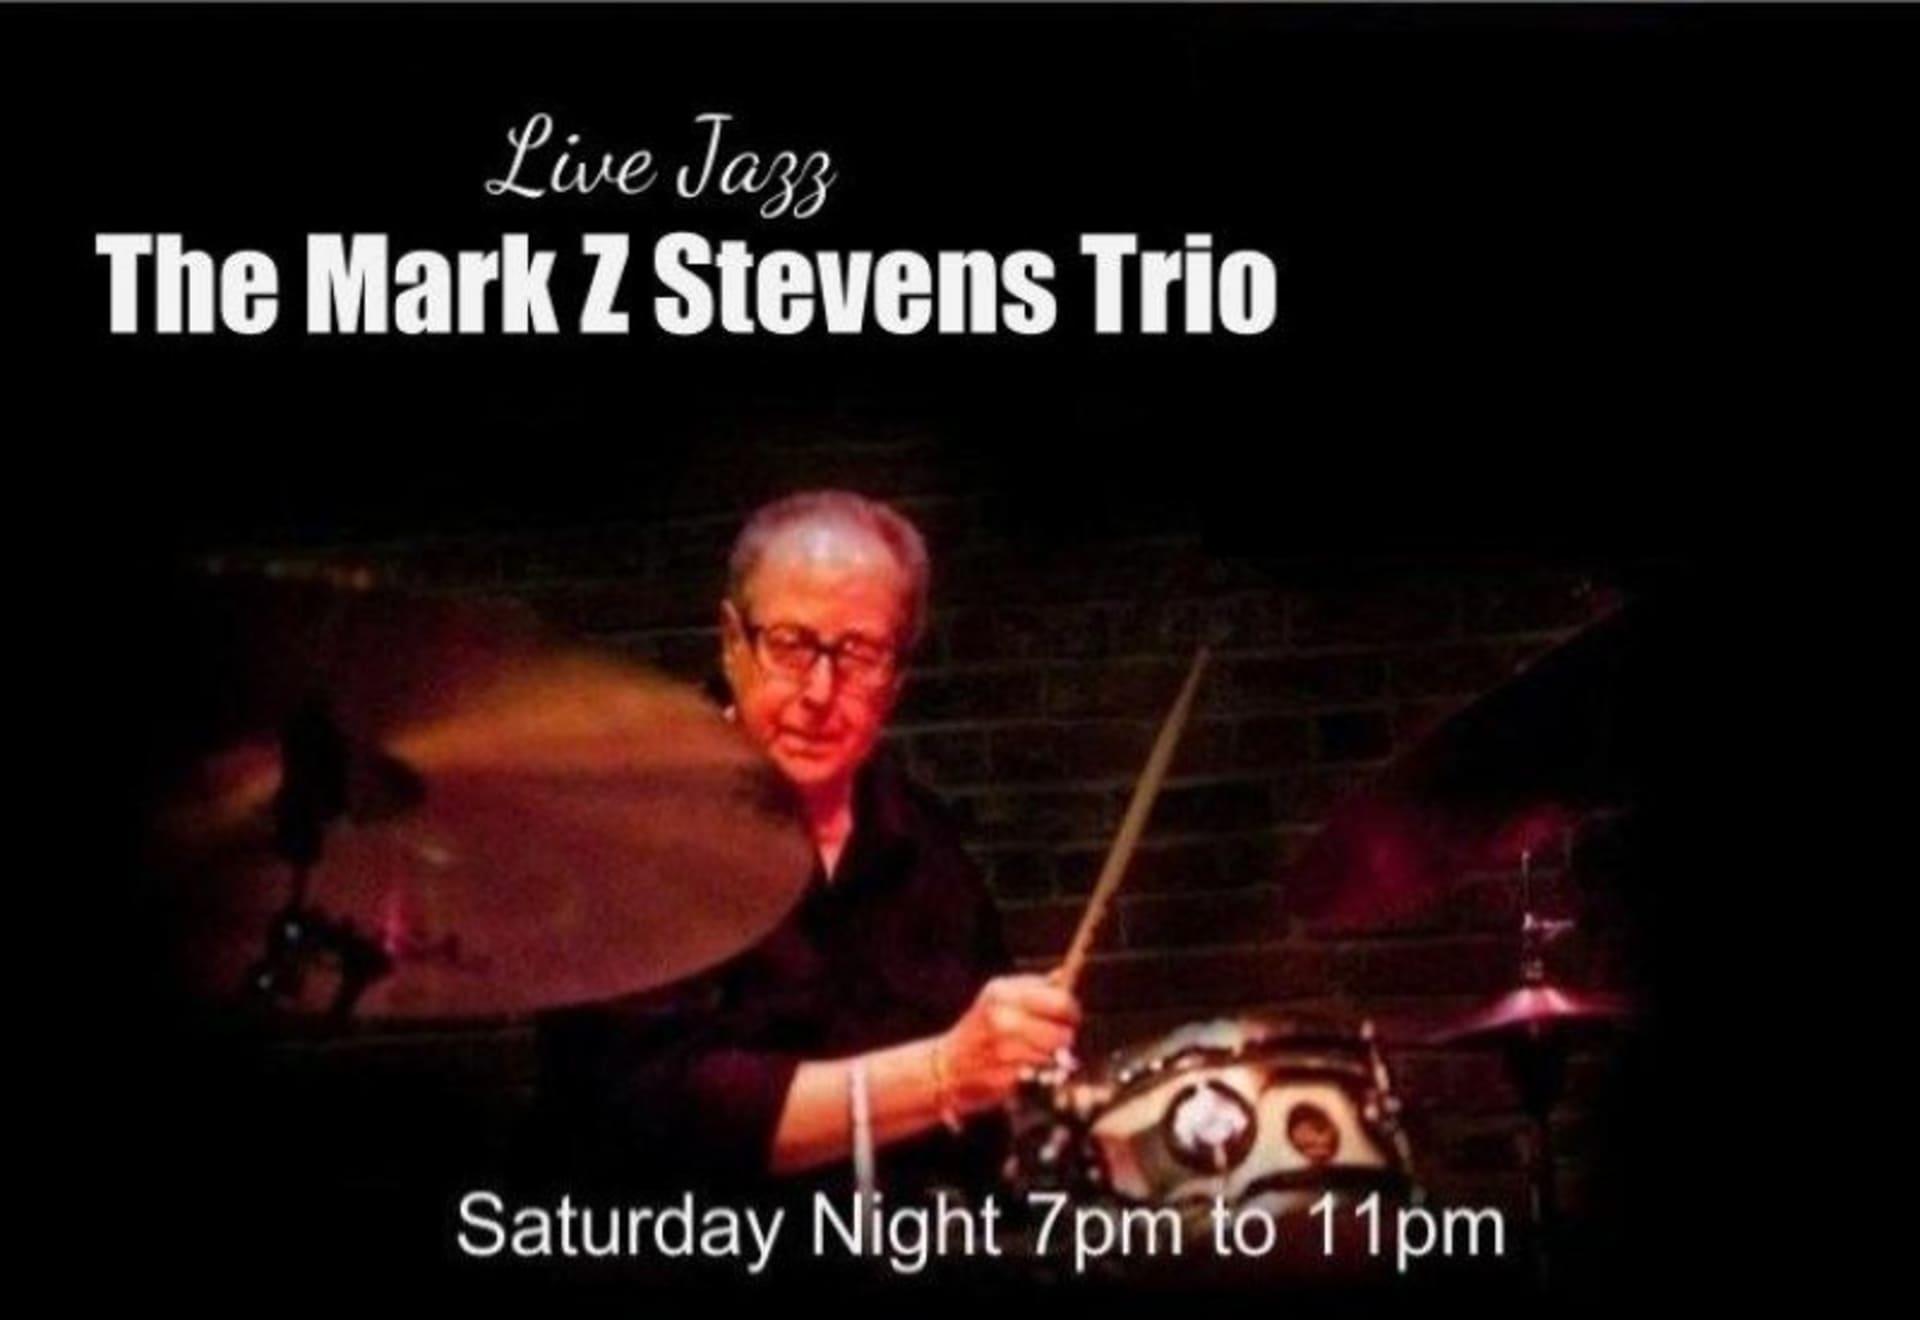 The Mark Z Stevens Trio